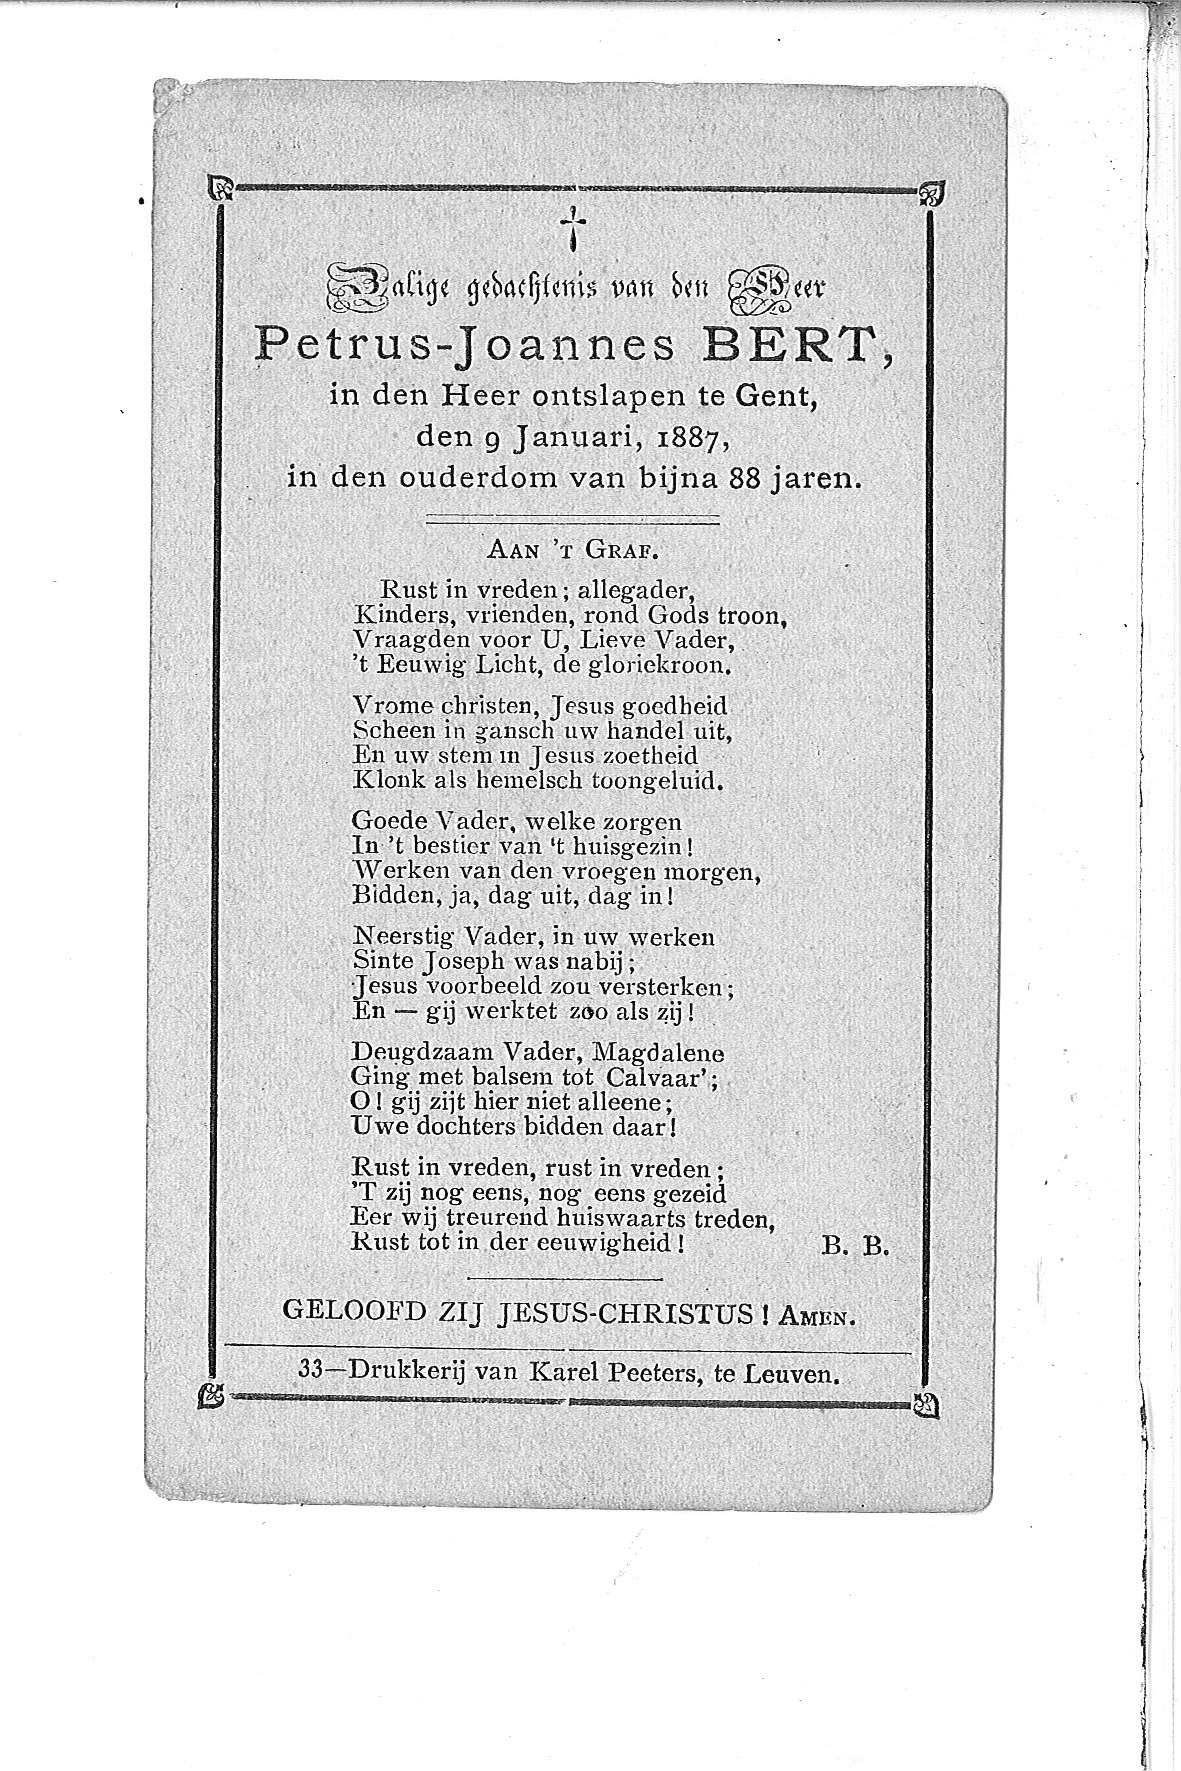 Petrus-Joannes(1887)20110131111640_00015.jpg